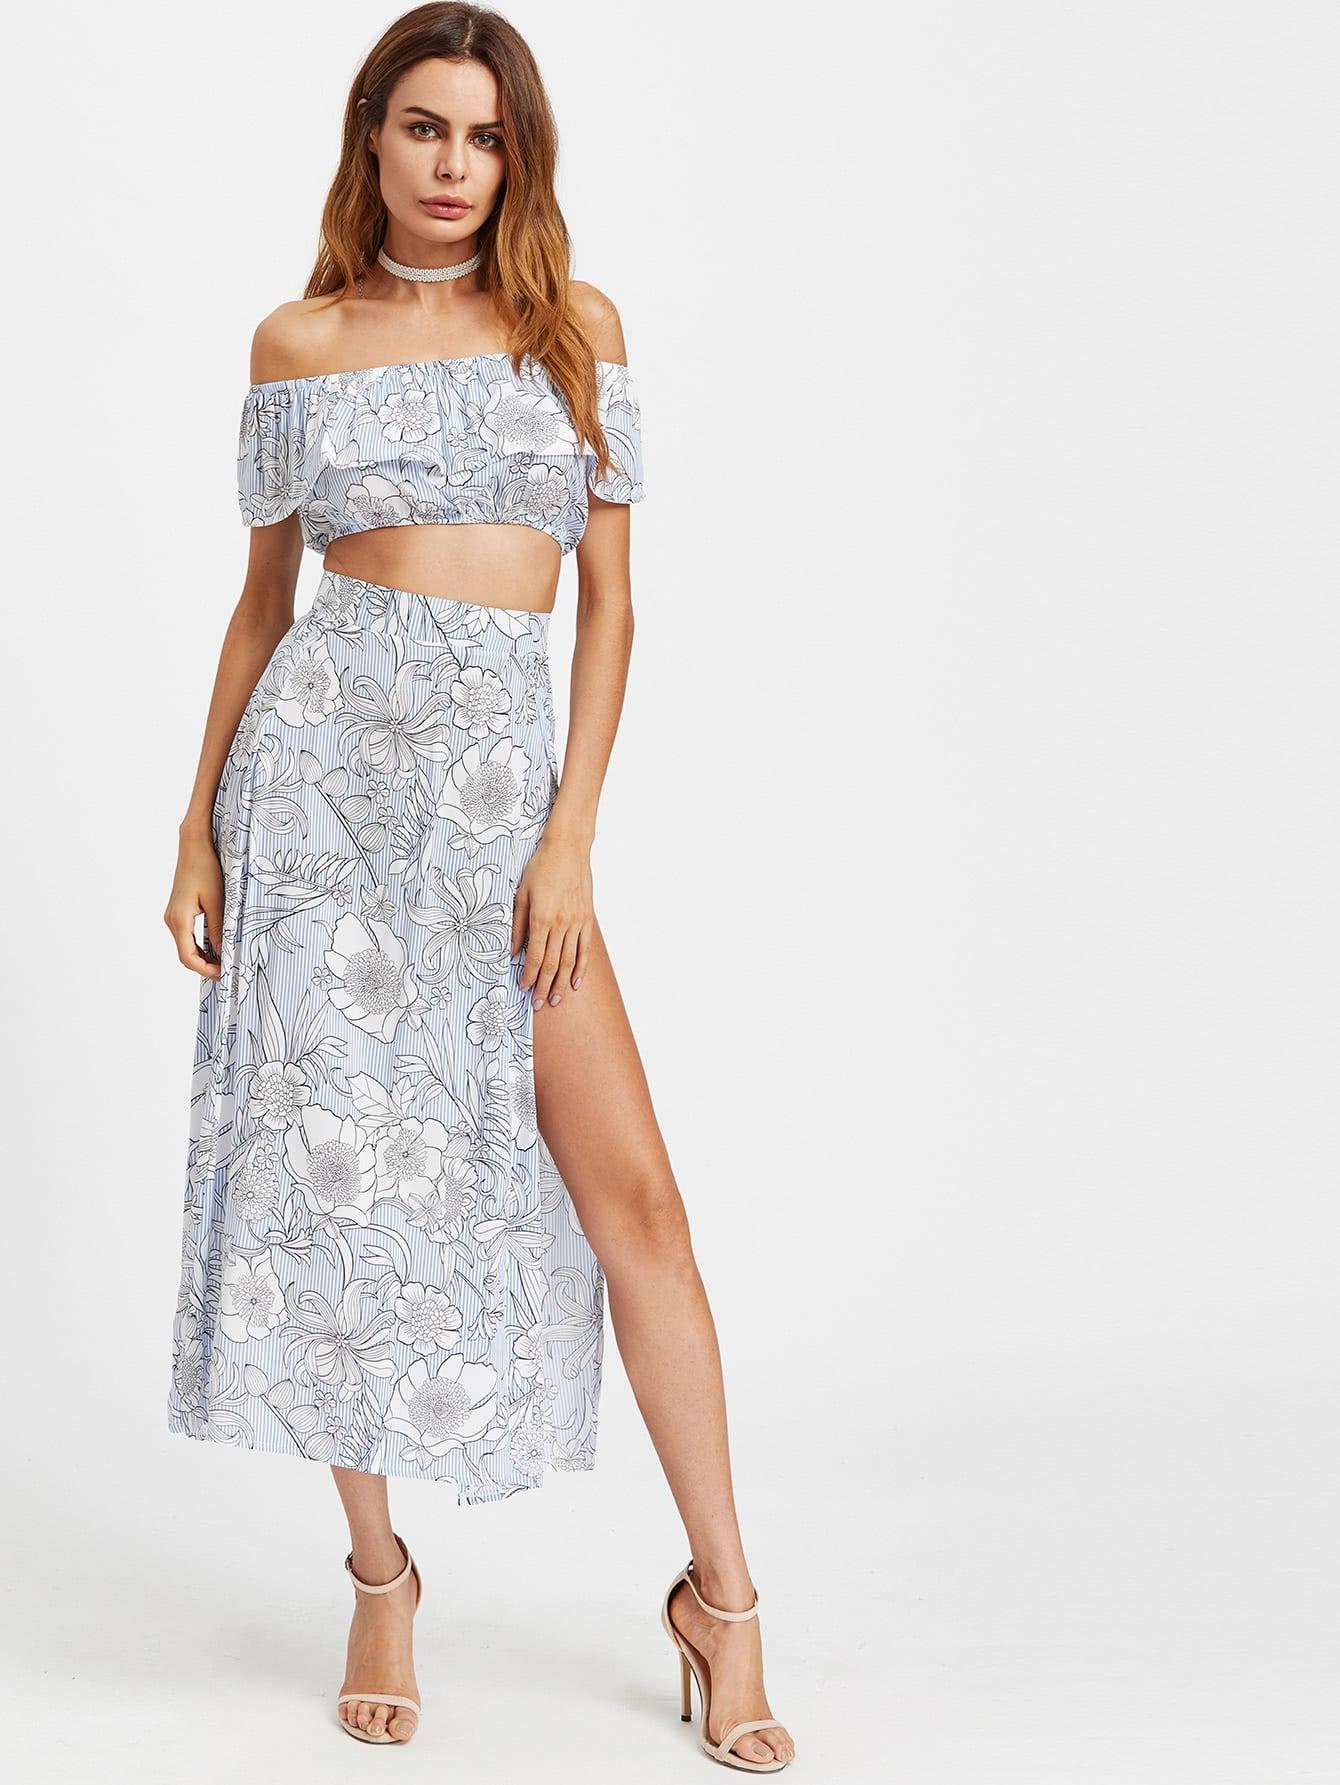 Bardot Floral Print Crop Top With Slit Side Skirt